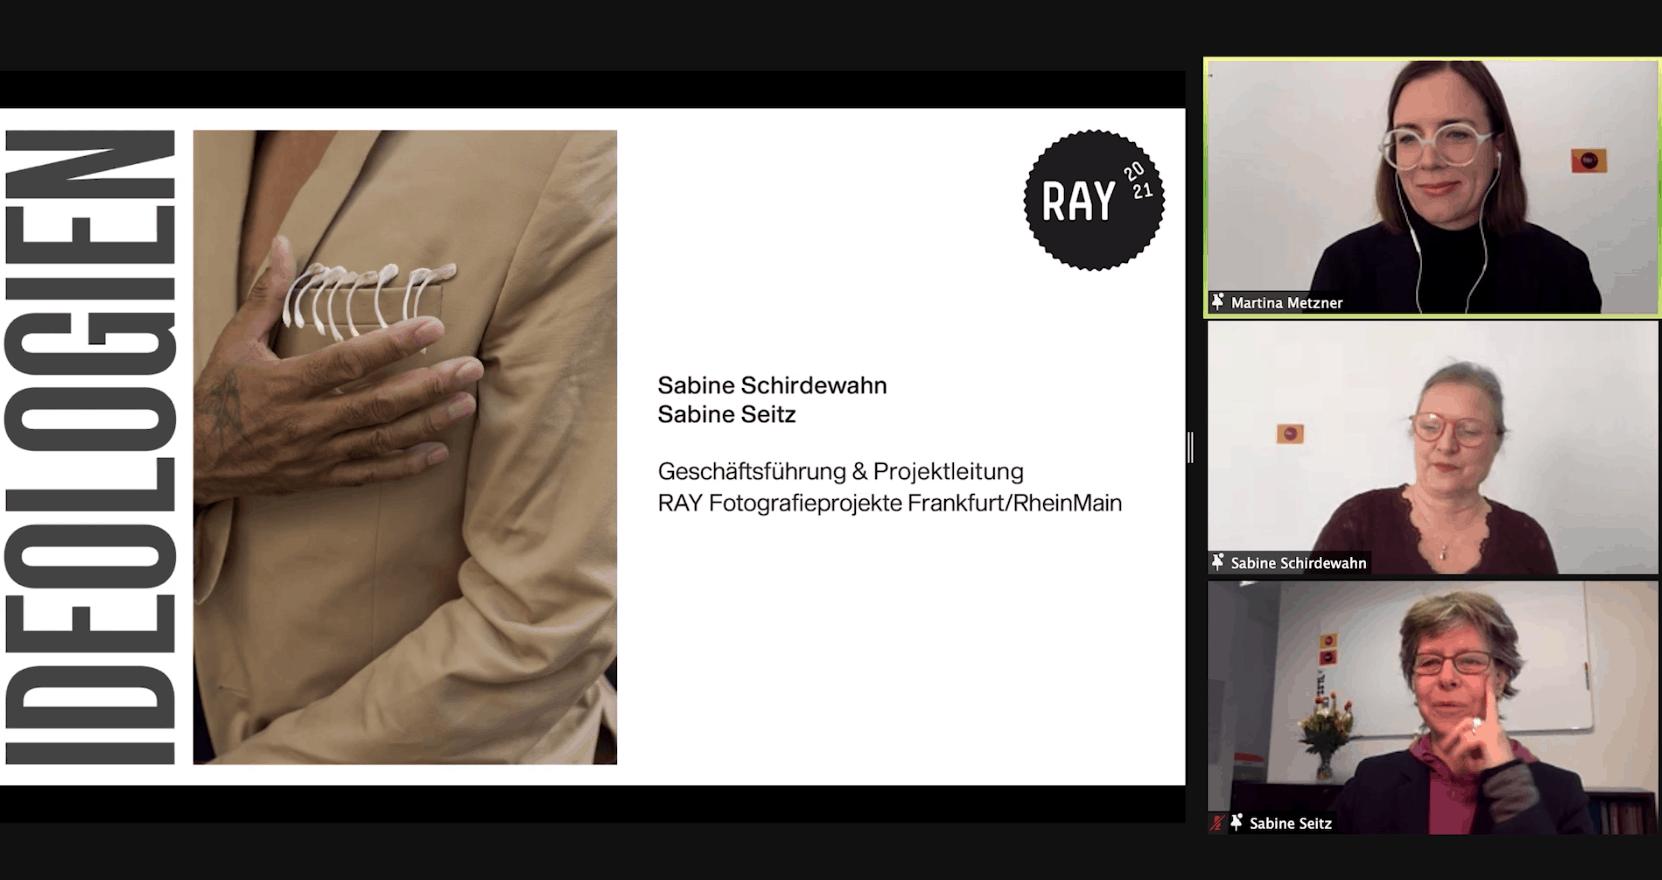 Referenzen unserer Eventagentur: RAY Fotografieprojekte